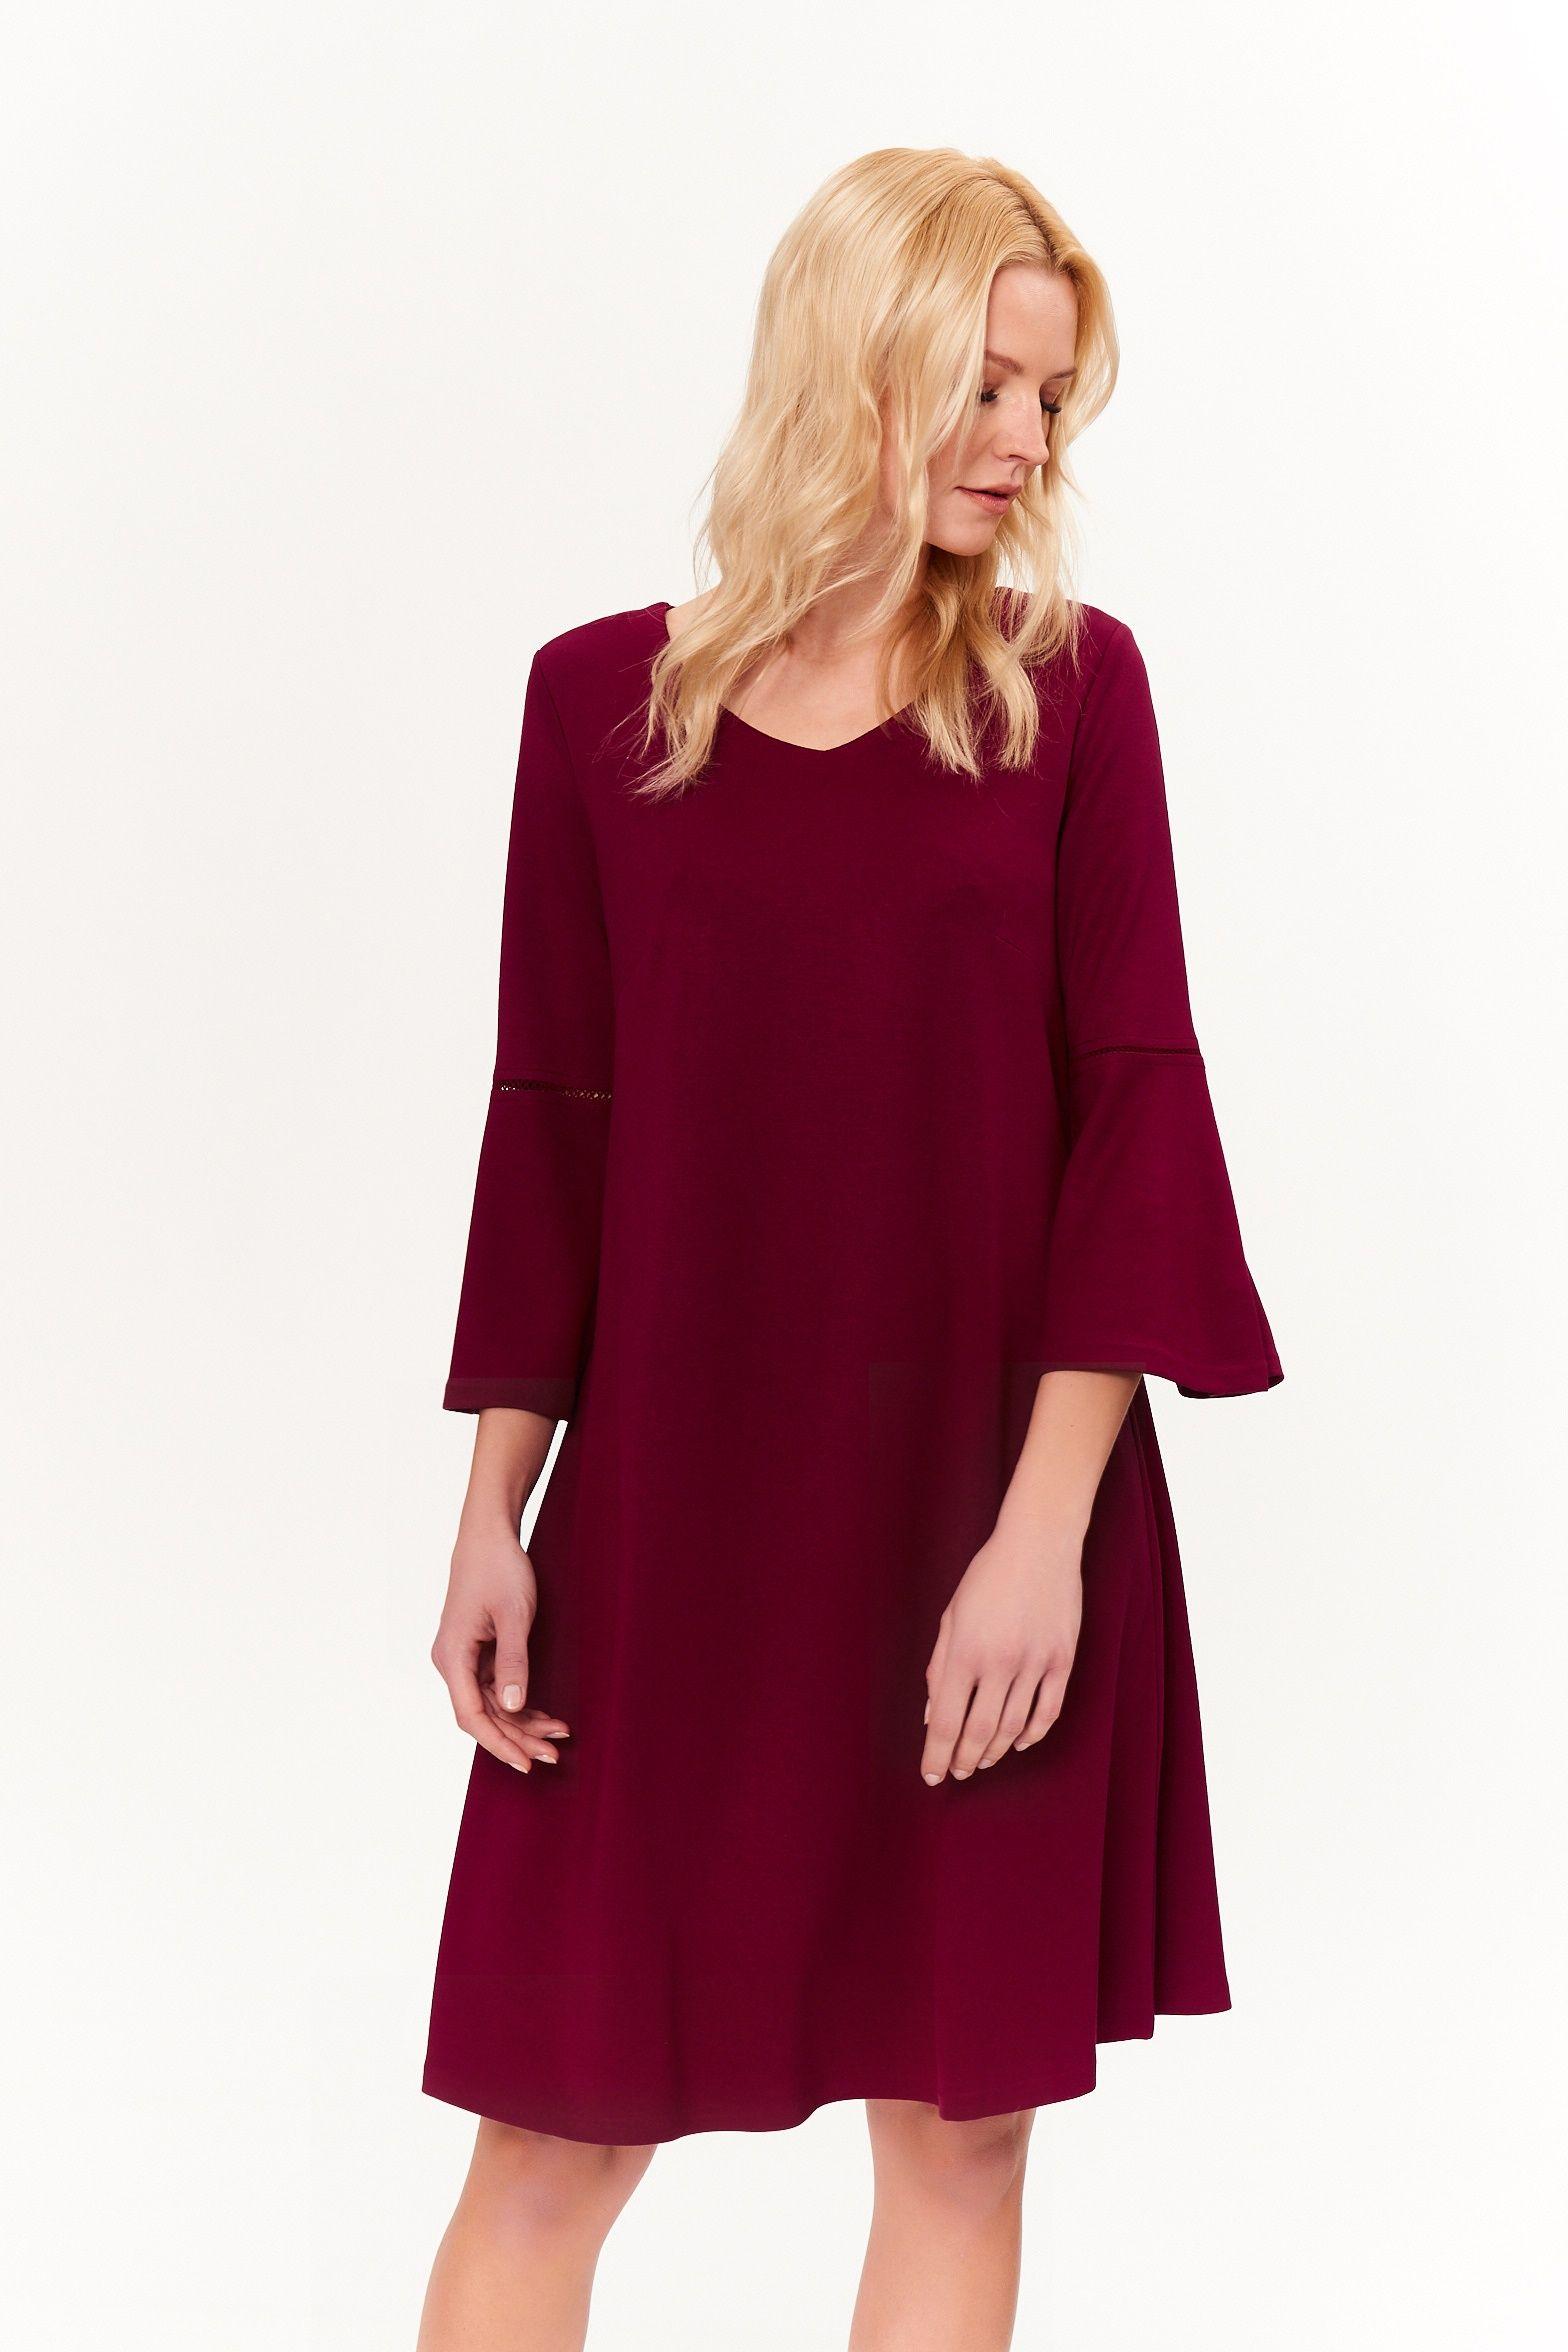 826efaf892 Mikita sukienka damska dzianinowa kolor  czerwony